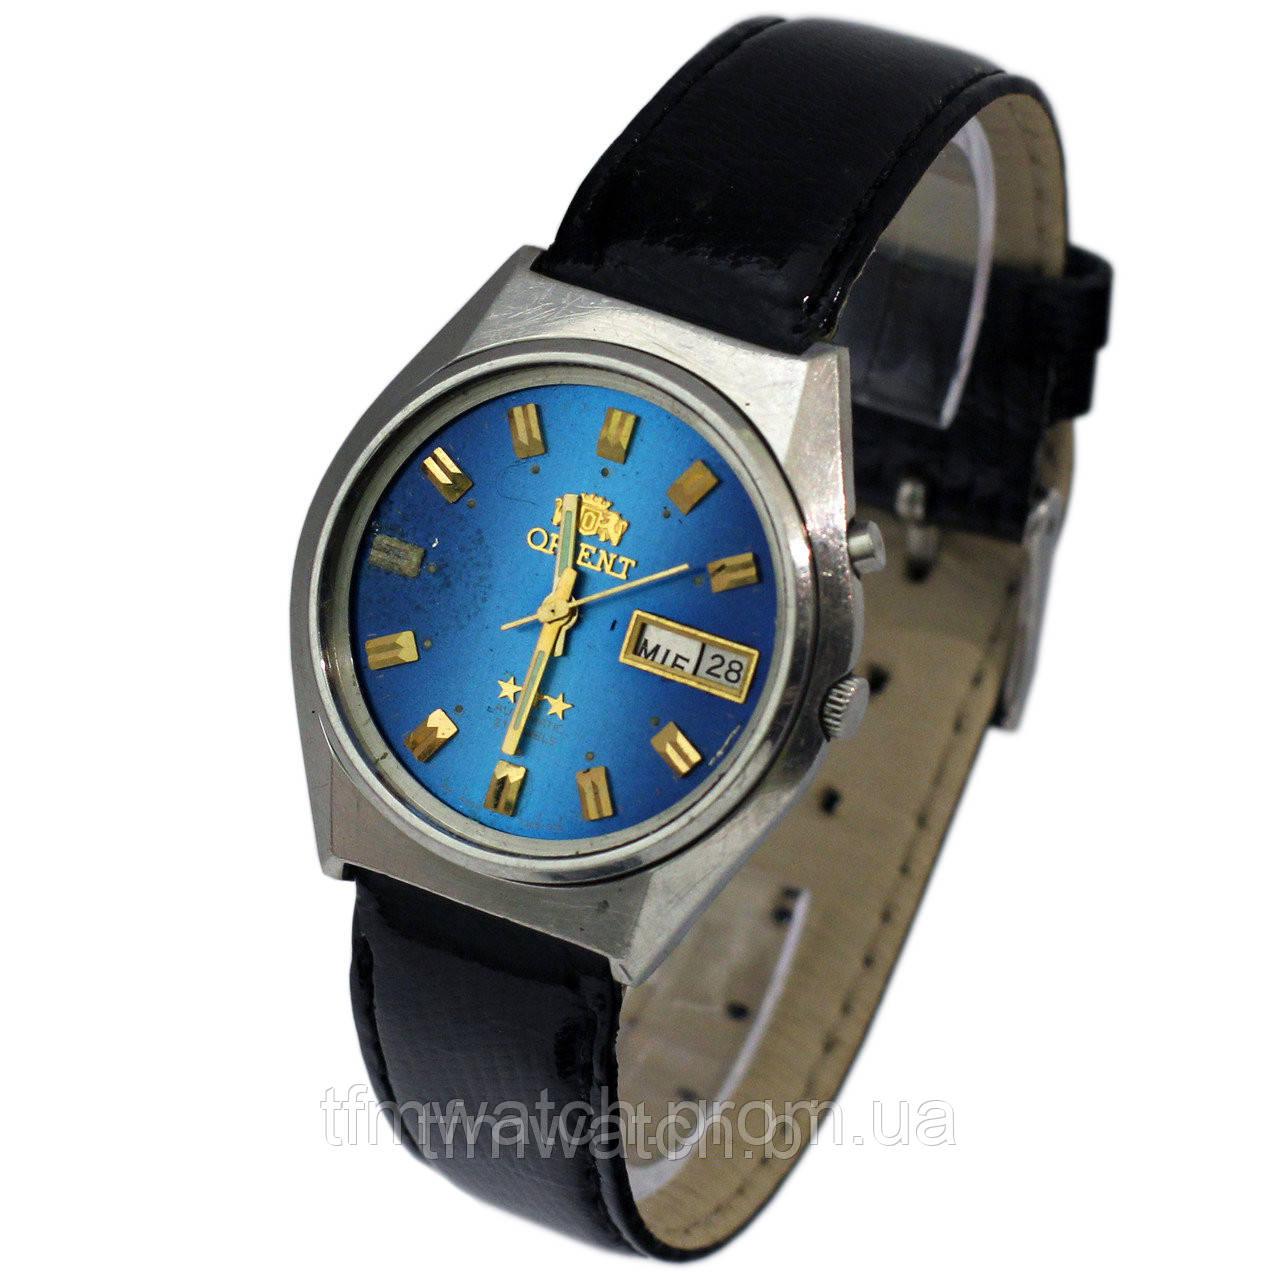 f30a2d05 Мужские часы Ориент автоподзавод: продажа, цена в Москве. часы ...